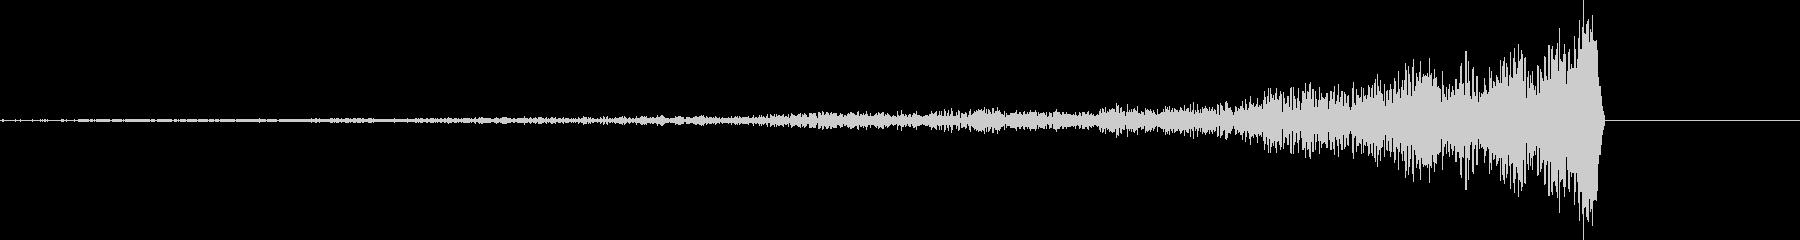 不安になるシンバルリバース音の未再生の波形